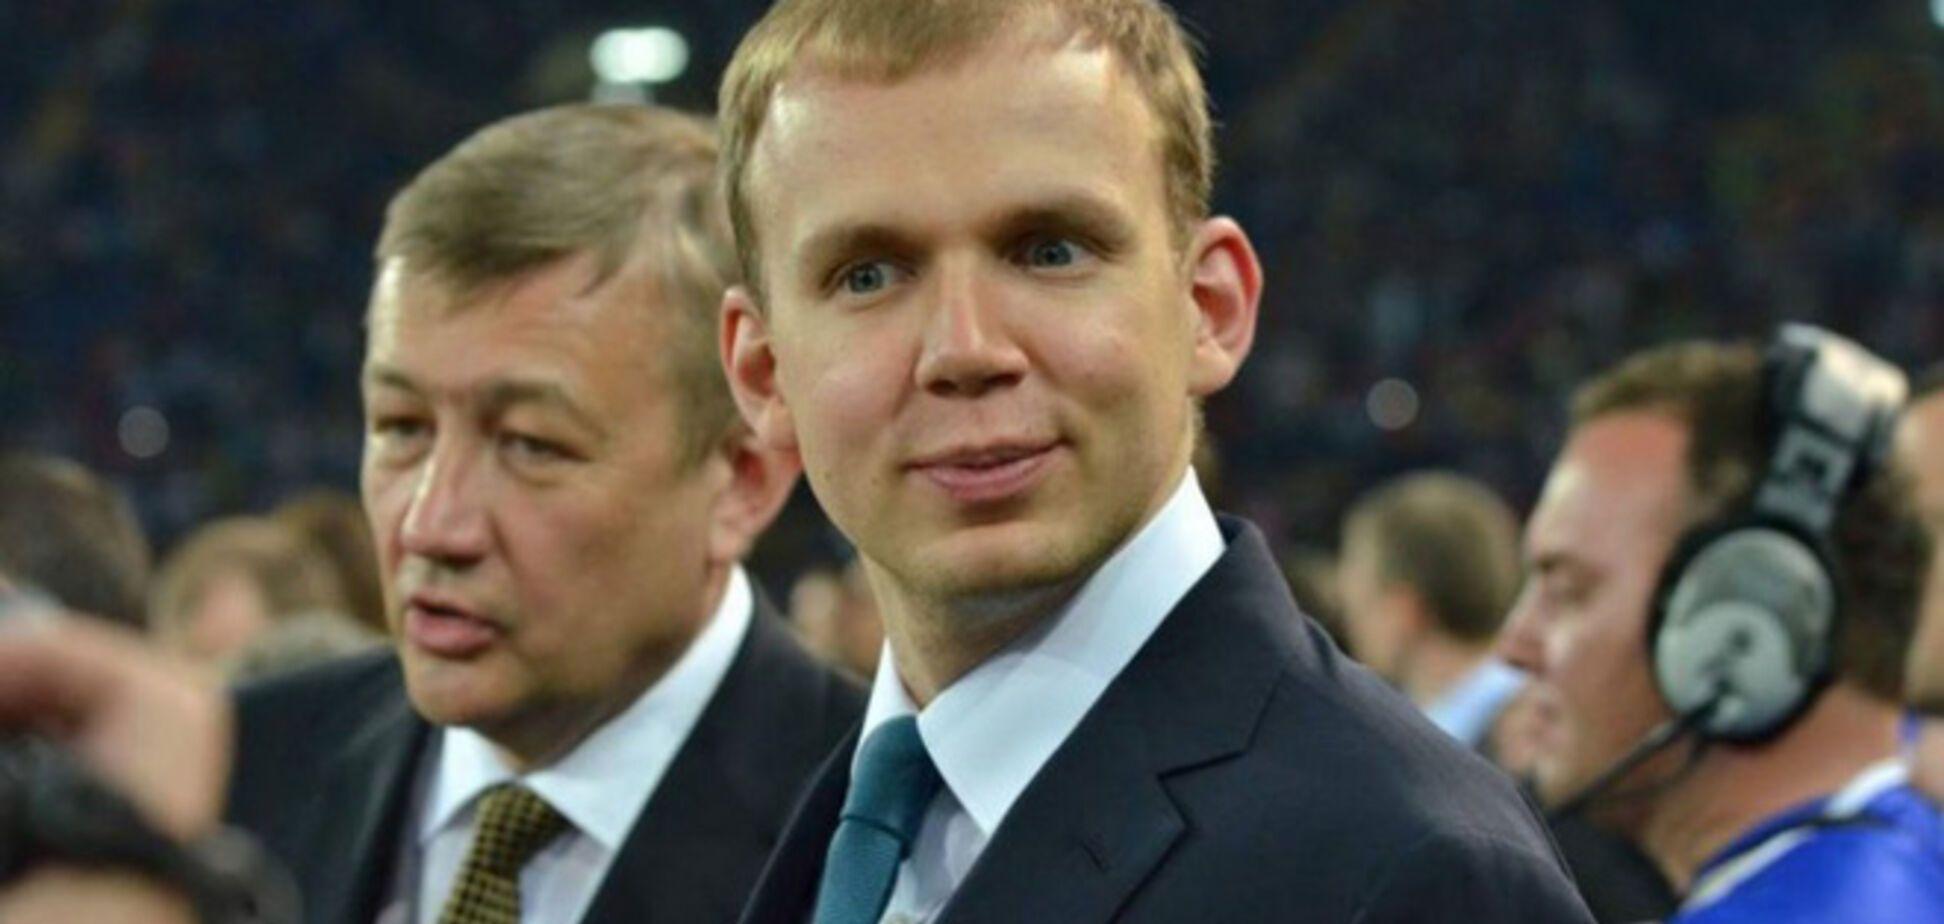 Курченко объявлен в международный розыск